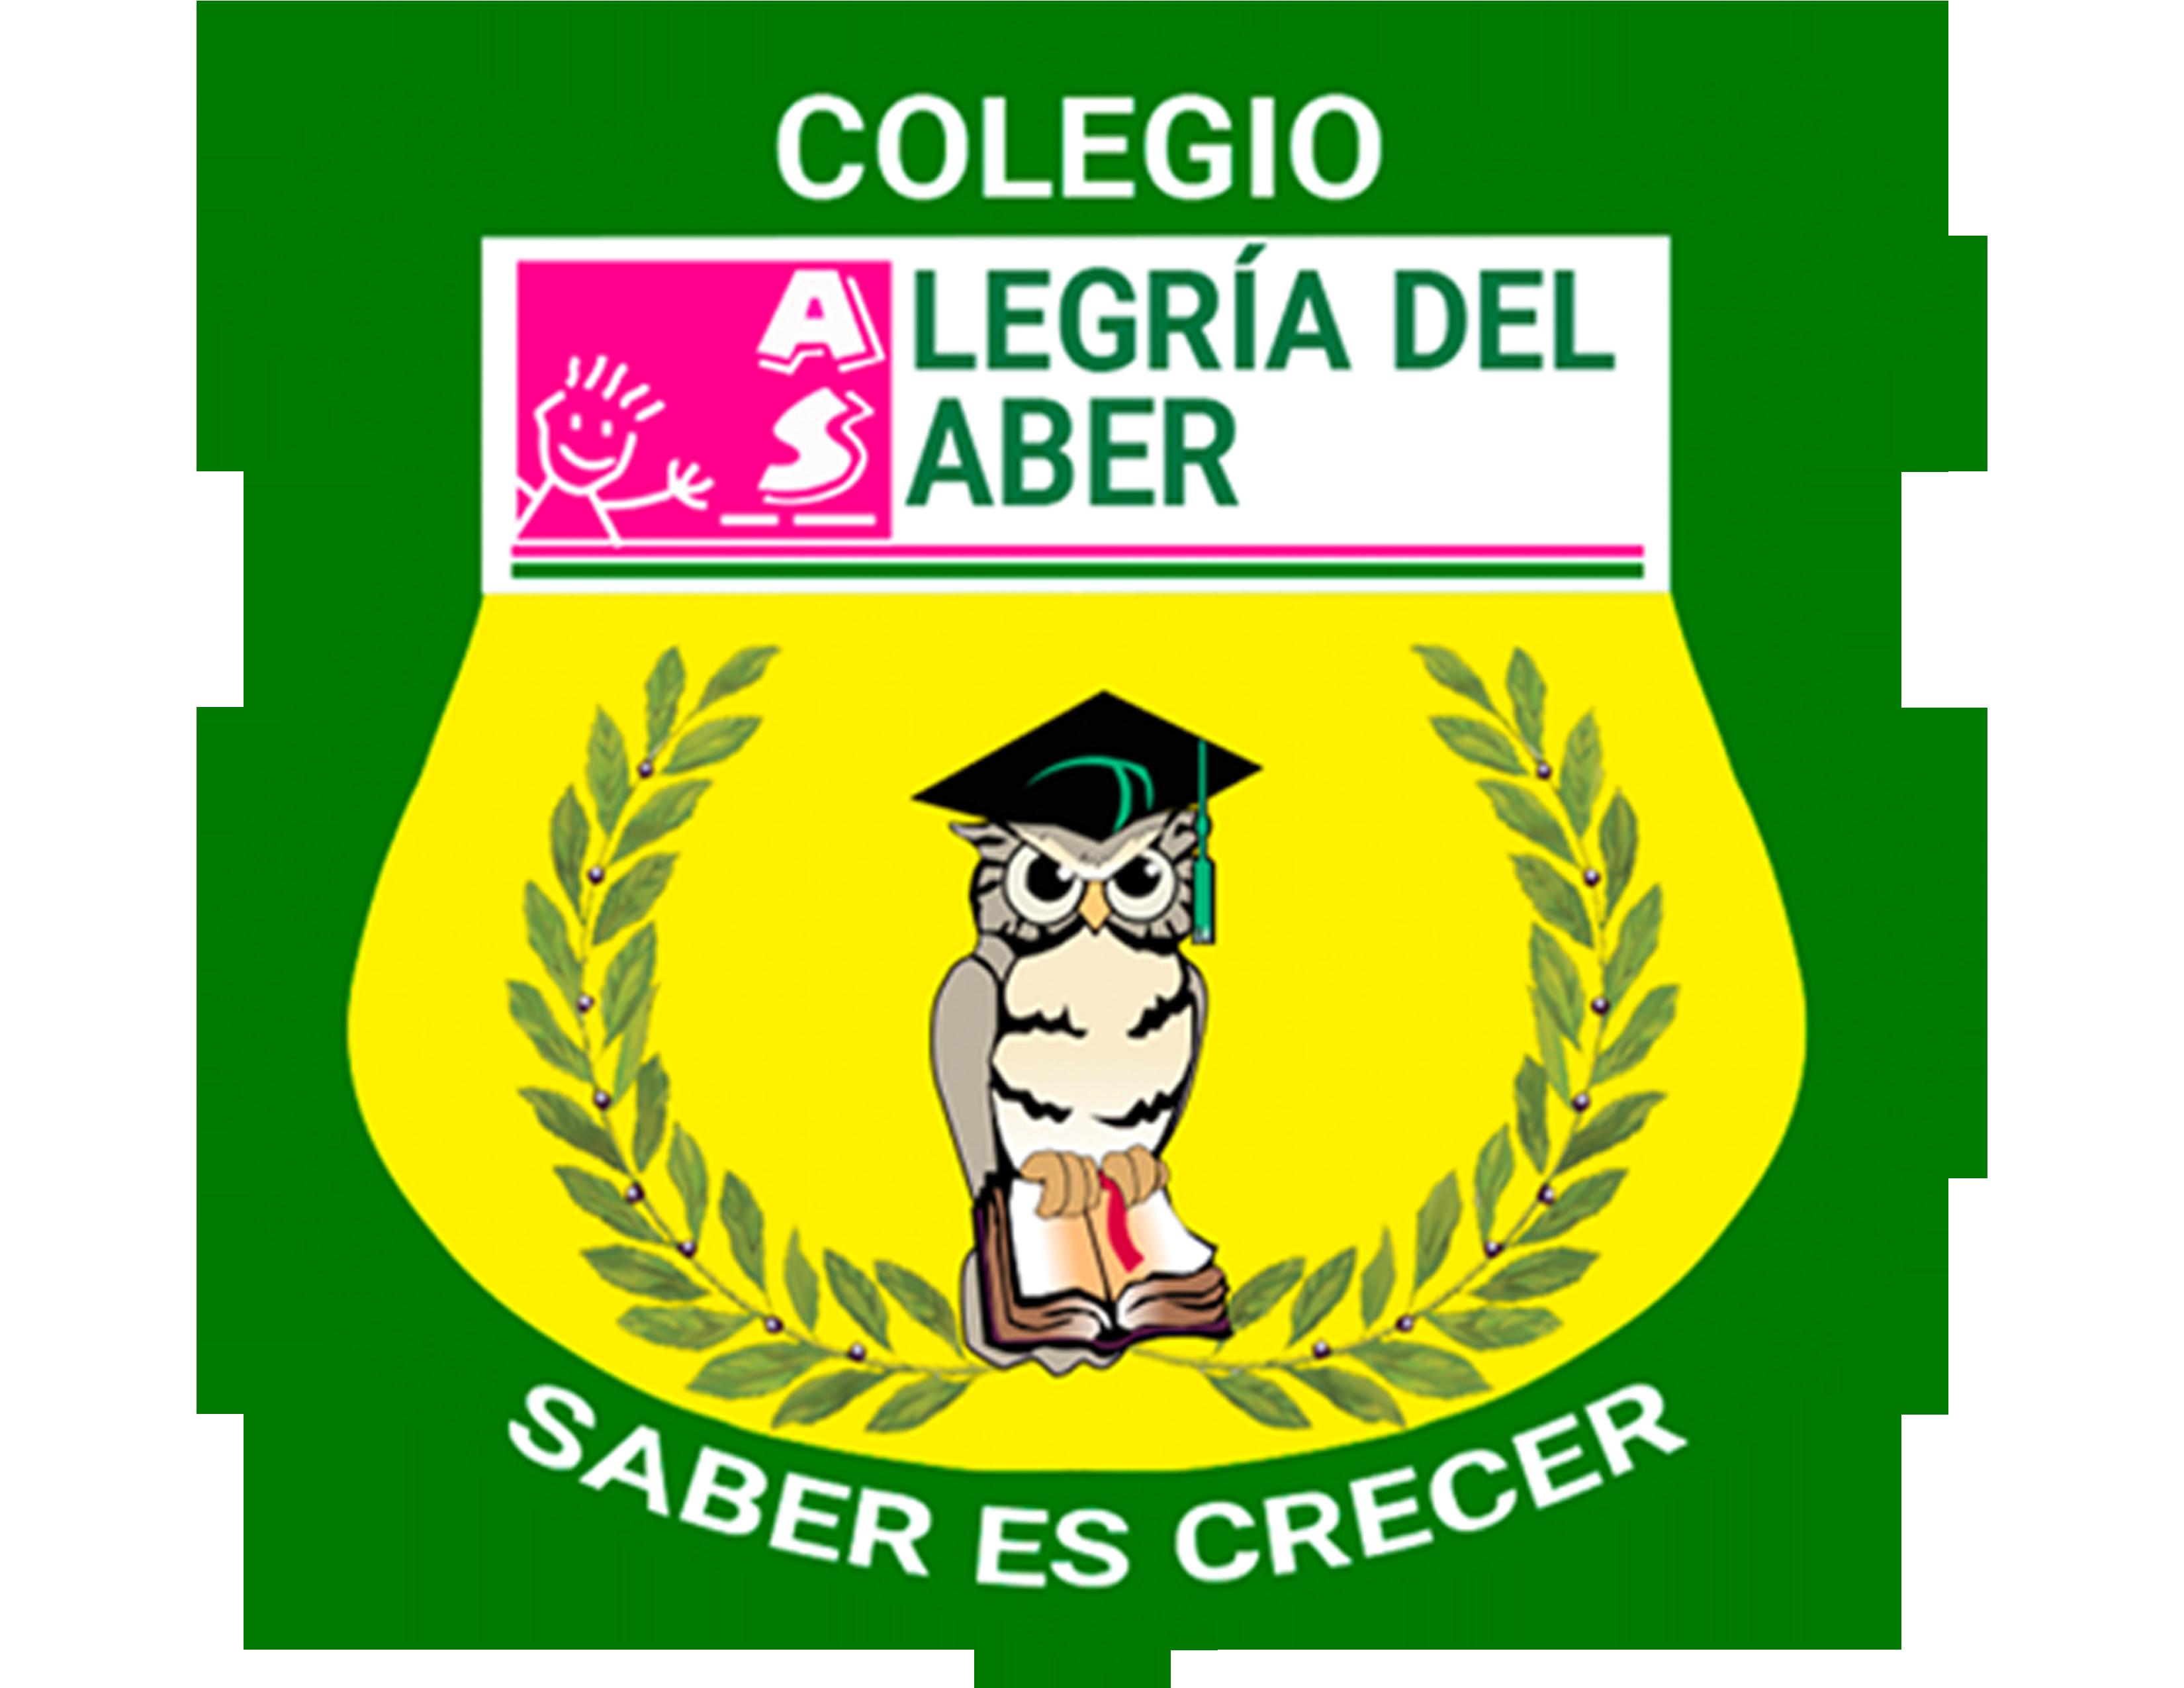 Colegio Alegría del Saber - logo